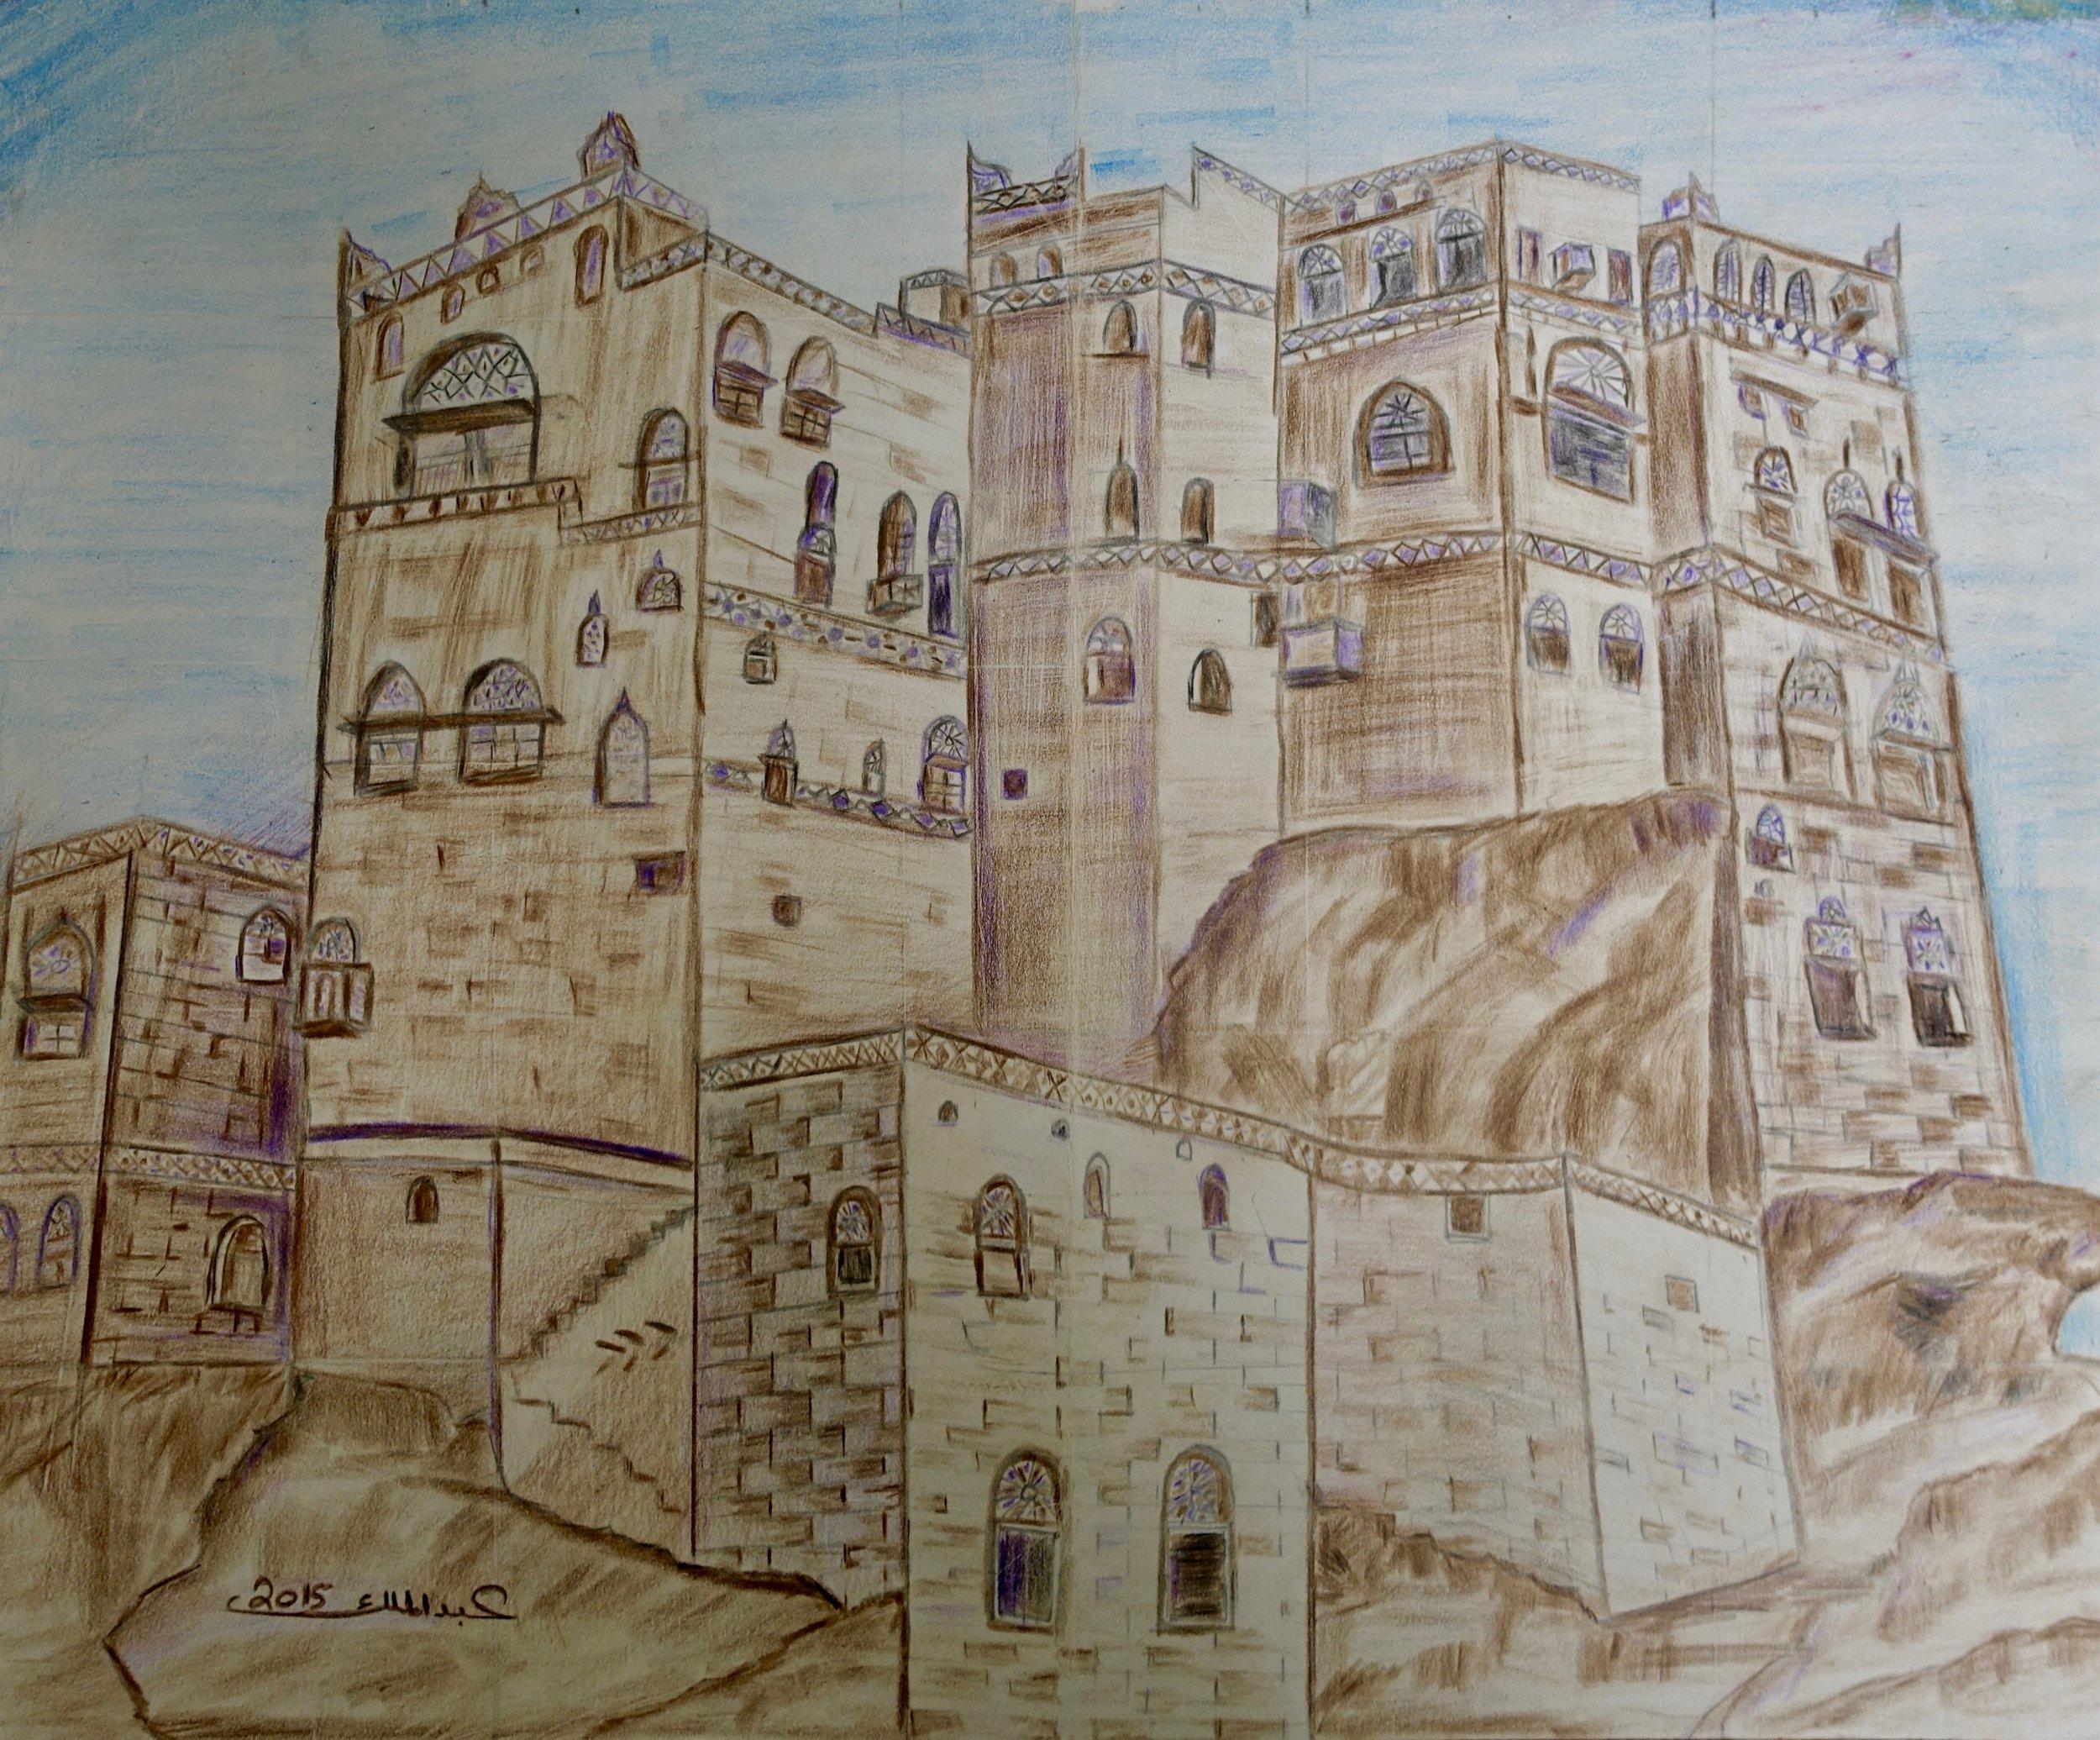 Abdualmalik Abud, Yemen, 2015.